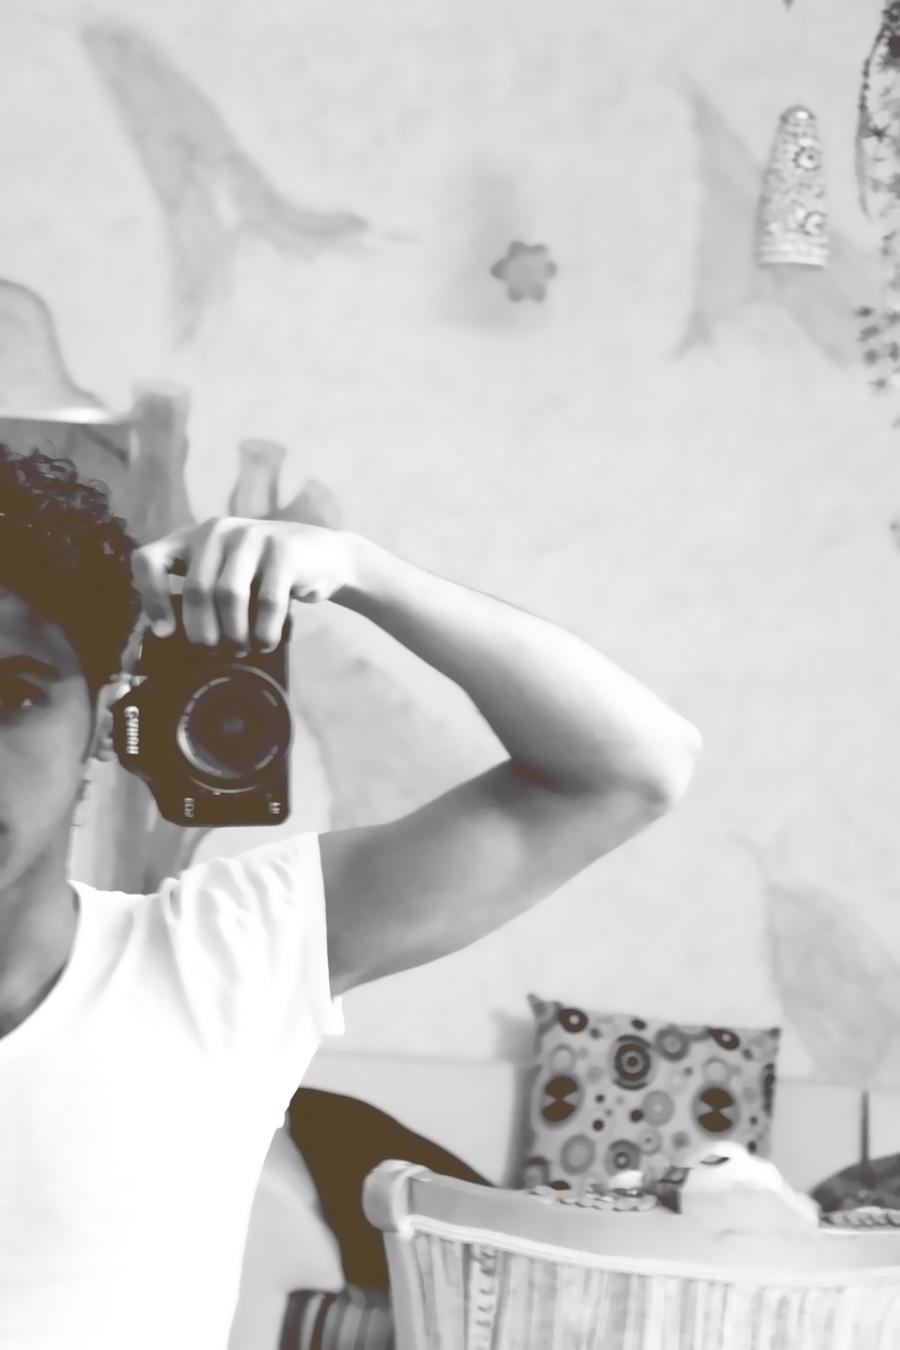 Orubechi's Profile Picture